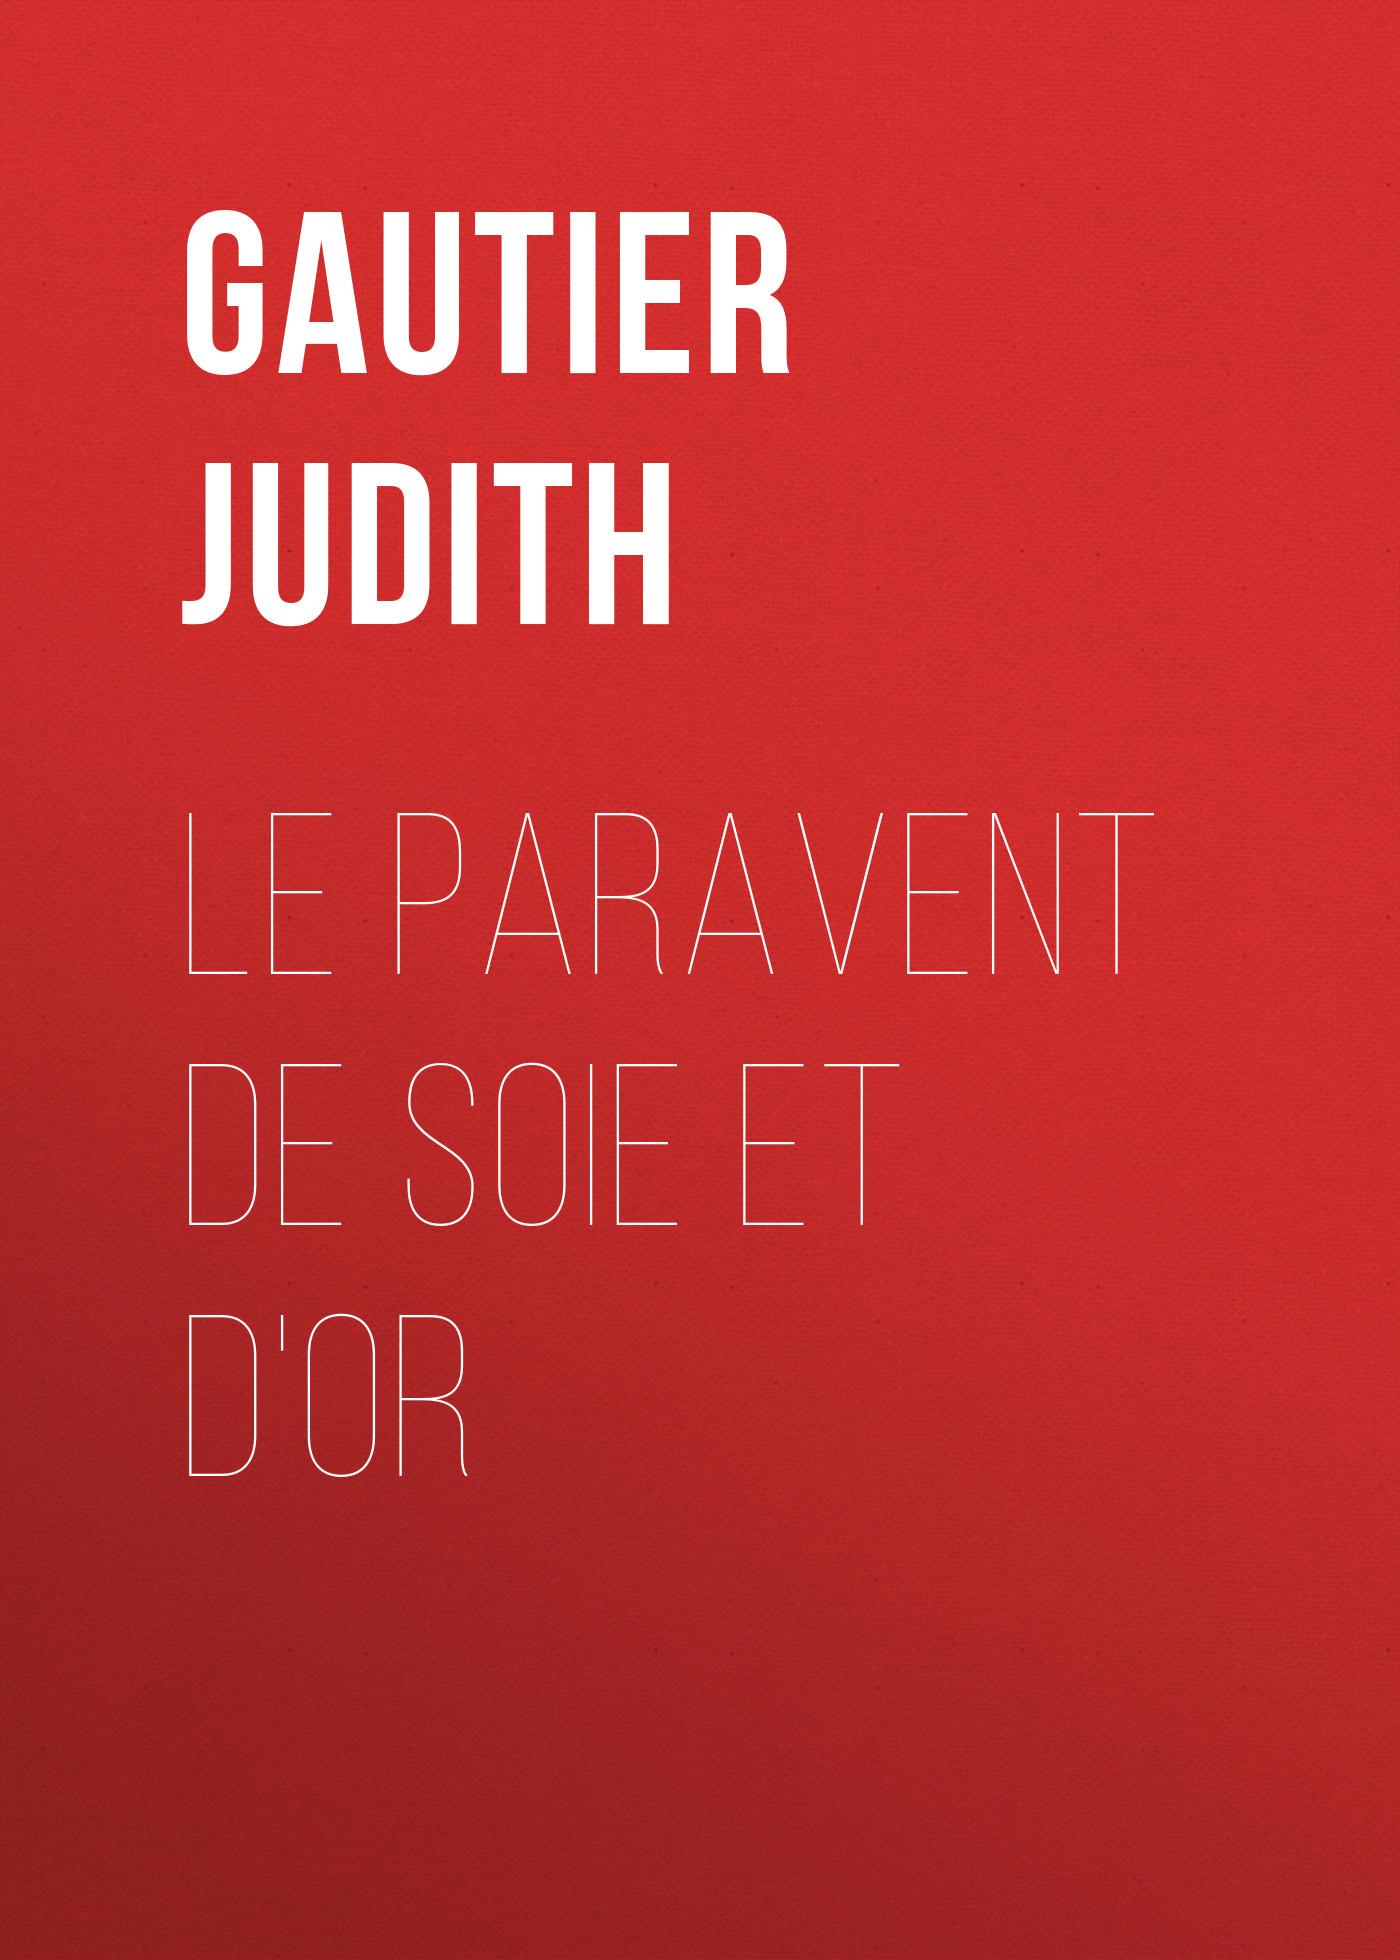 Gautier Judith Le paravent de soie et d'or цена и фото